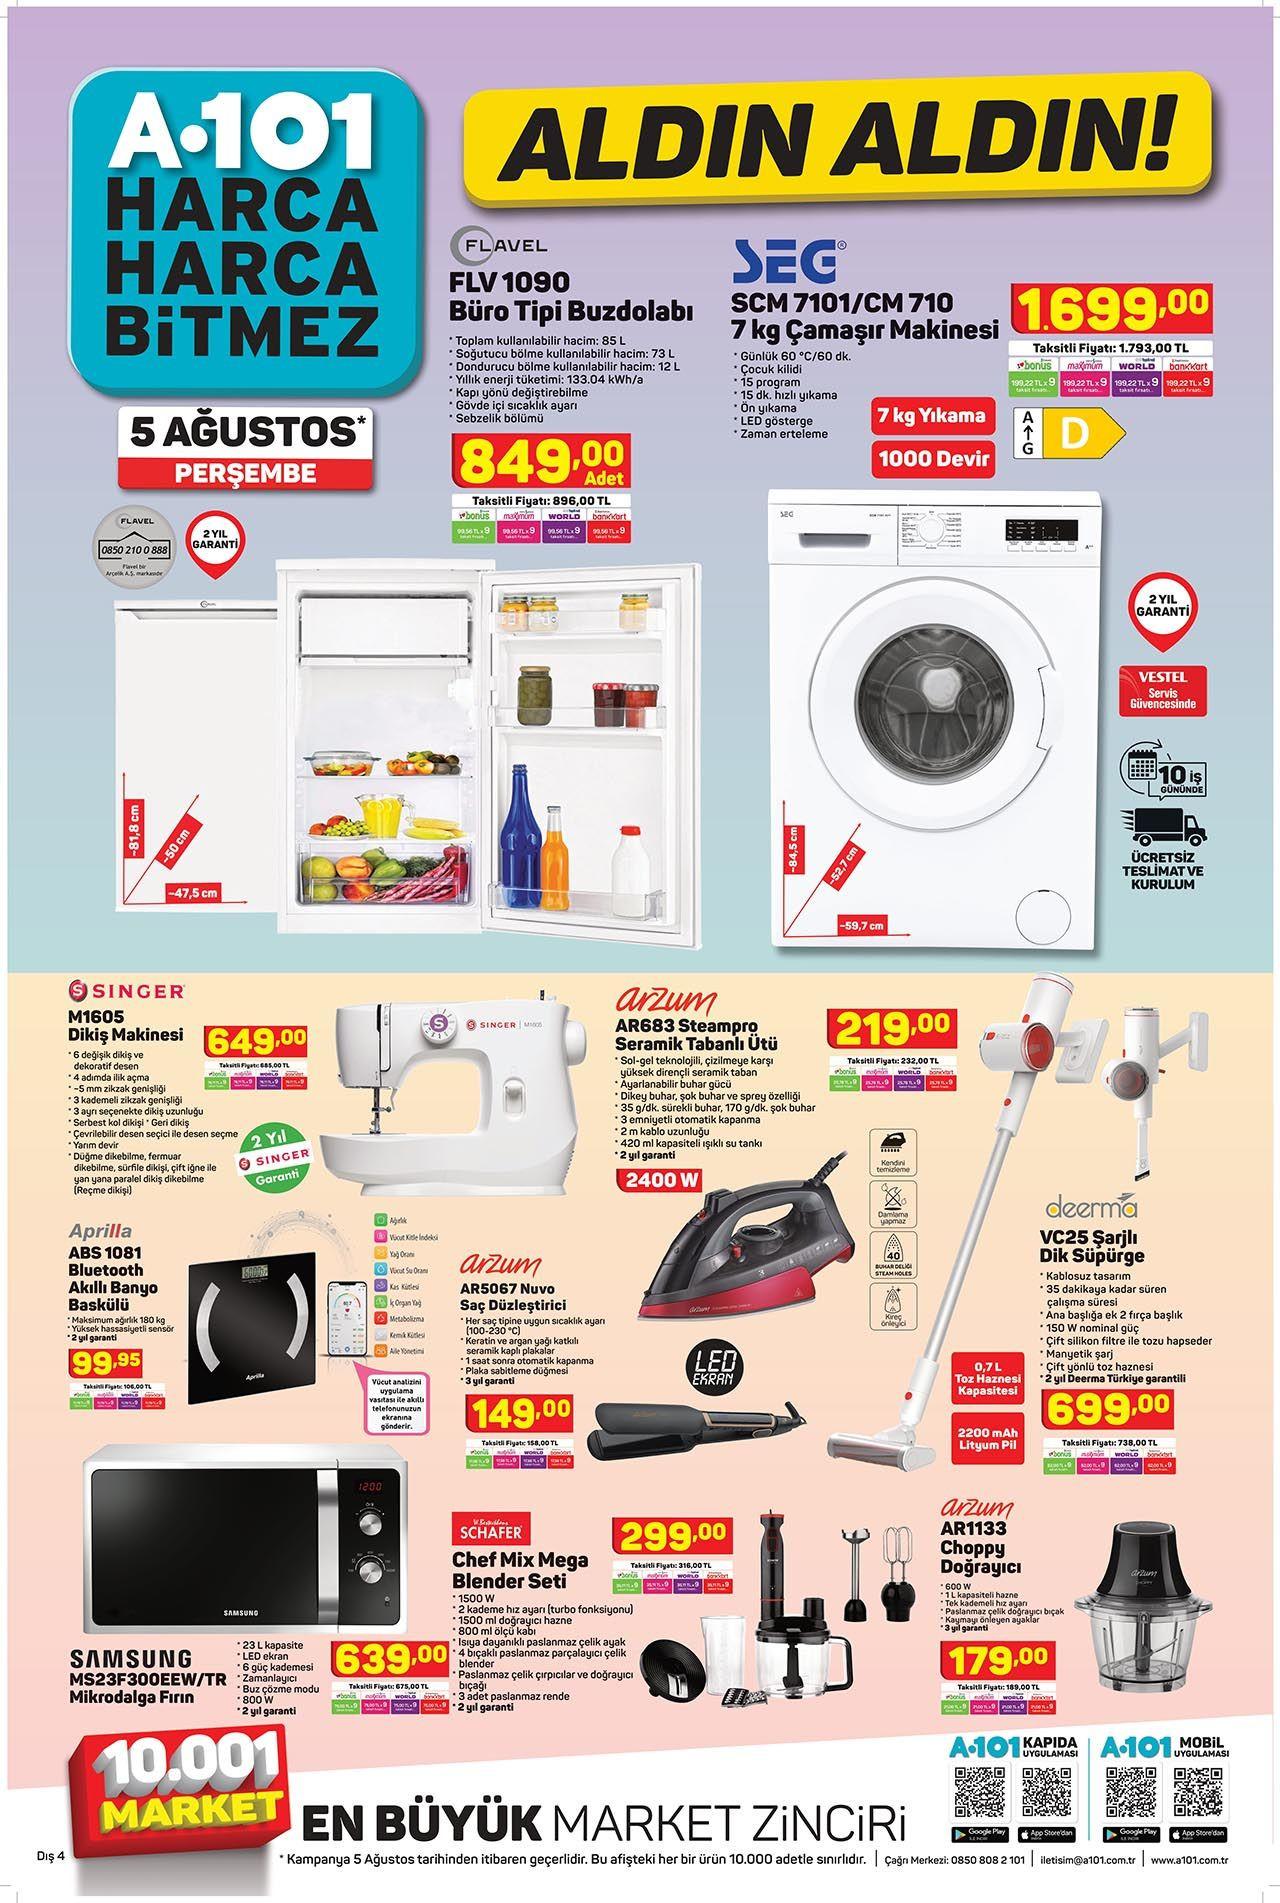 A101 5 Ağustos Perşembe aktüel ürünler kataloğu - Resim: 3